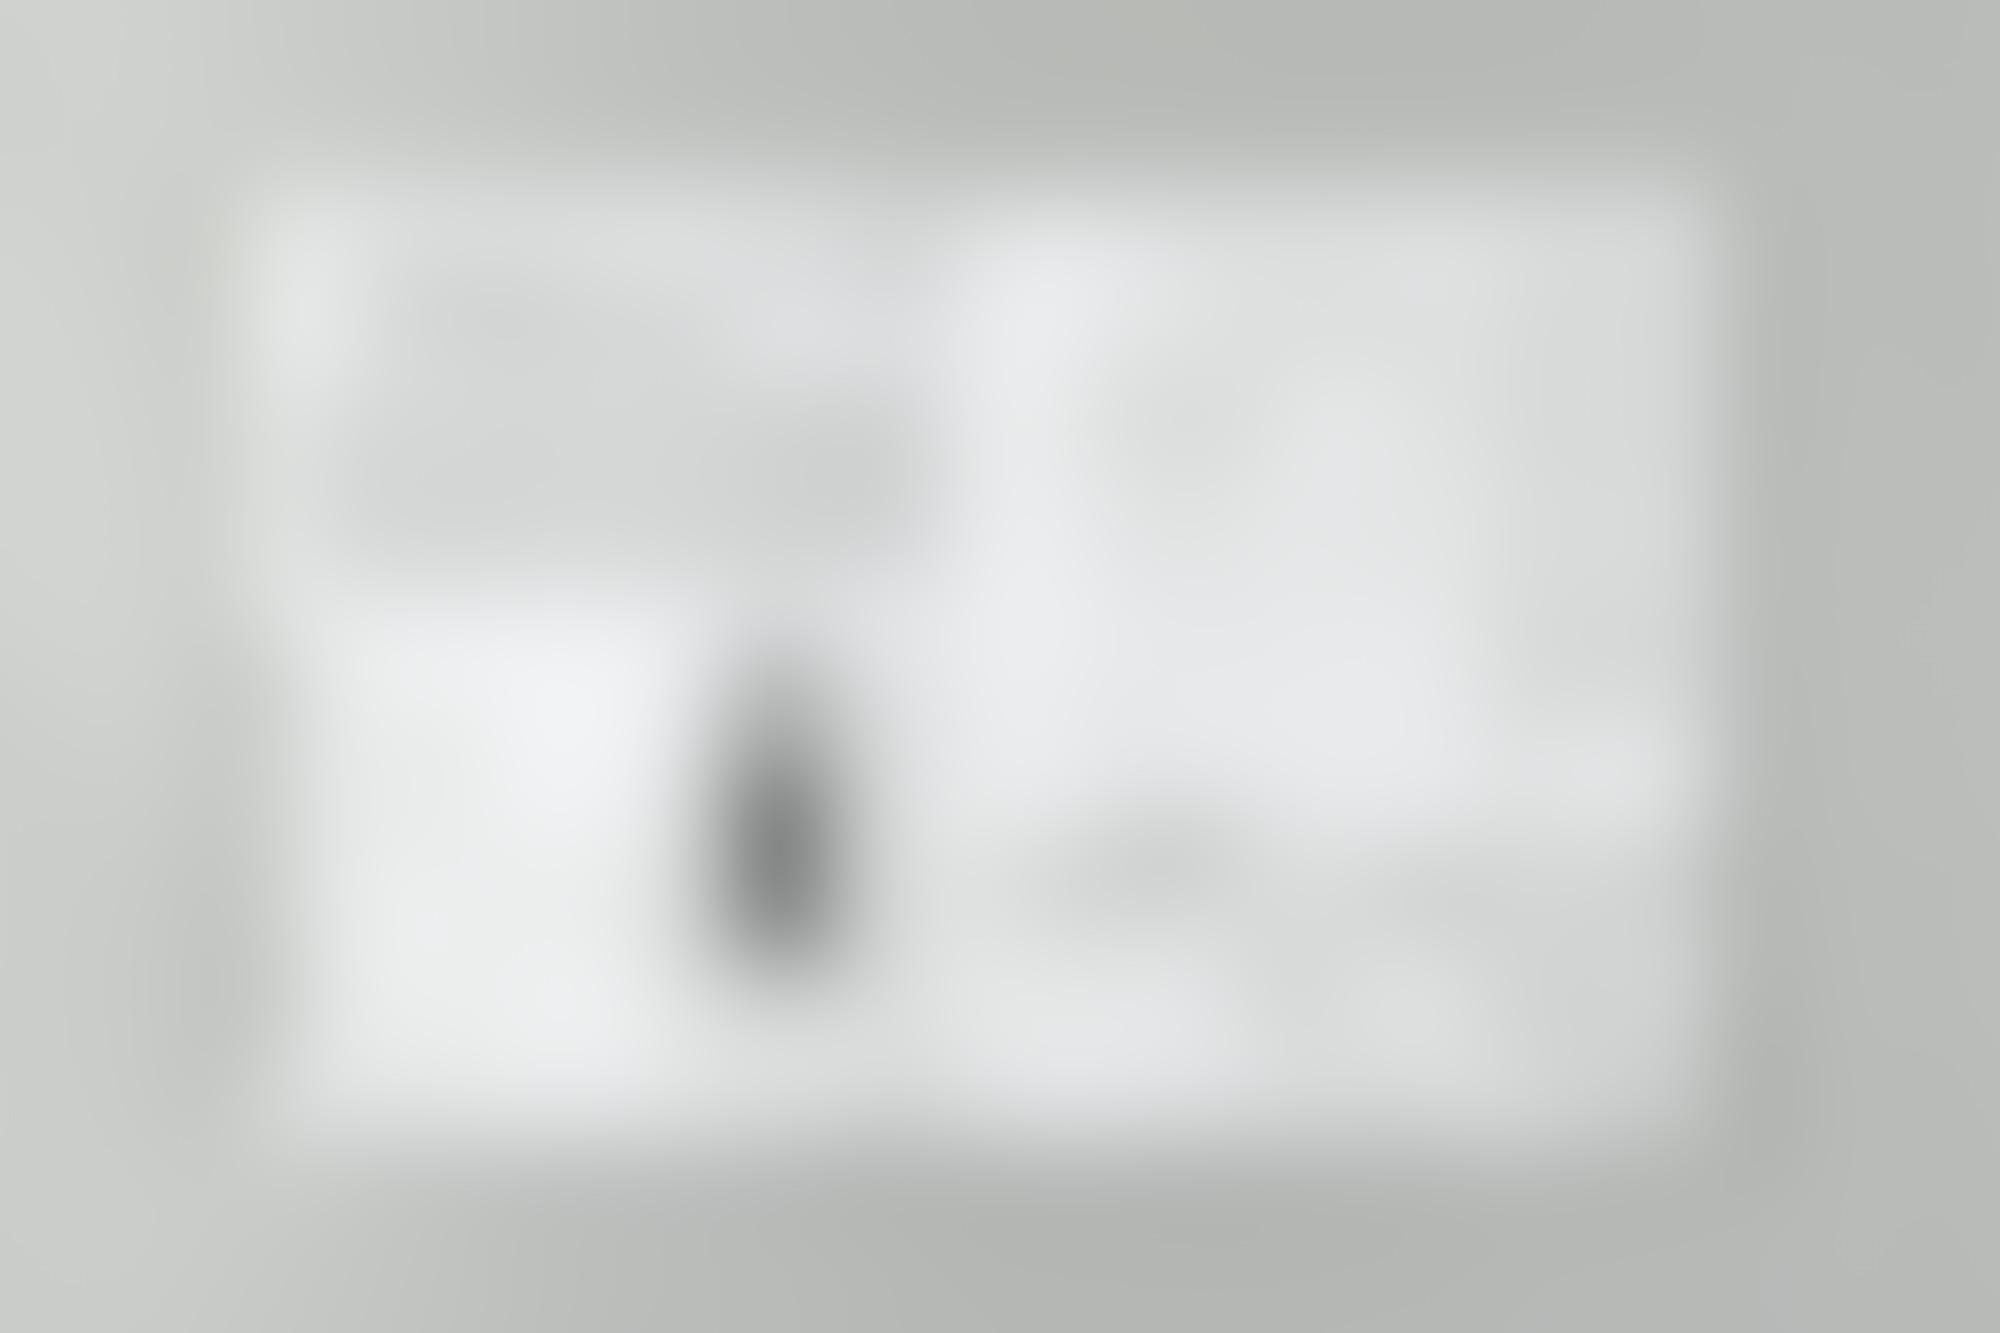 VAROOM SPREAD 03 autocompressfitresizeixlibphp 1 1 0max h2000max w3 D2000q80s4cd0333d4aec50341ba4ce9f839ee75c